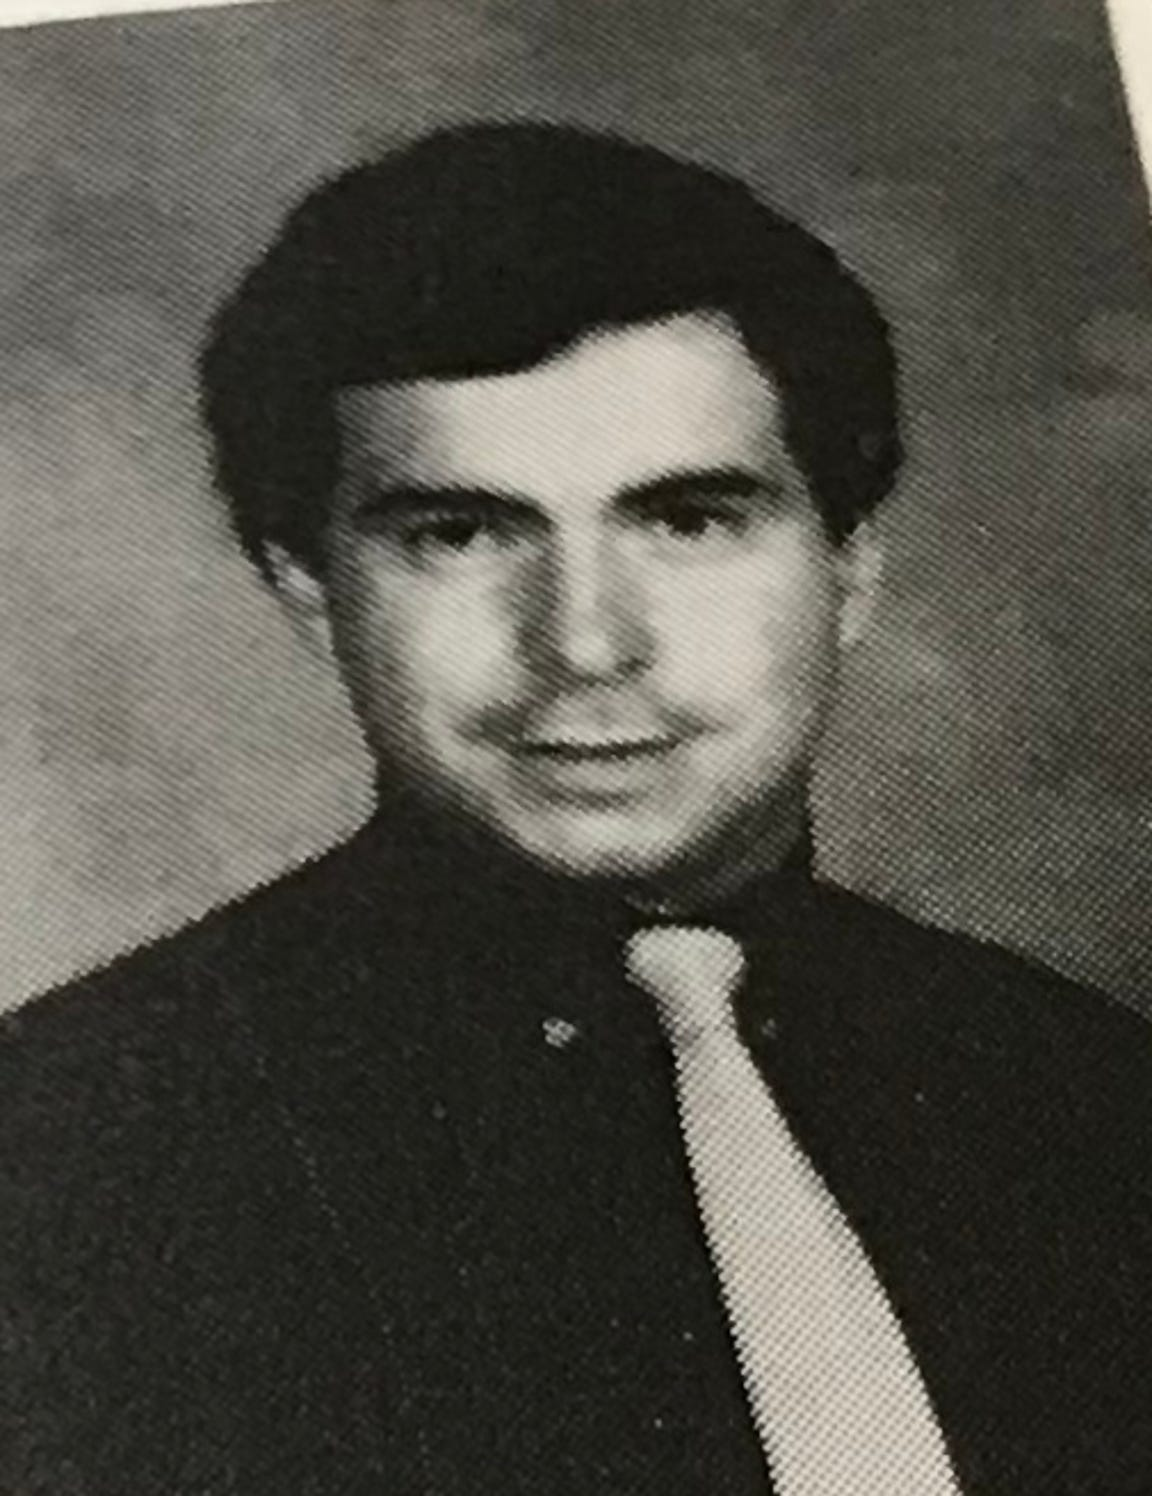 Bill Murdock as a teacher in the 1980s.